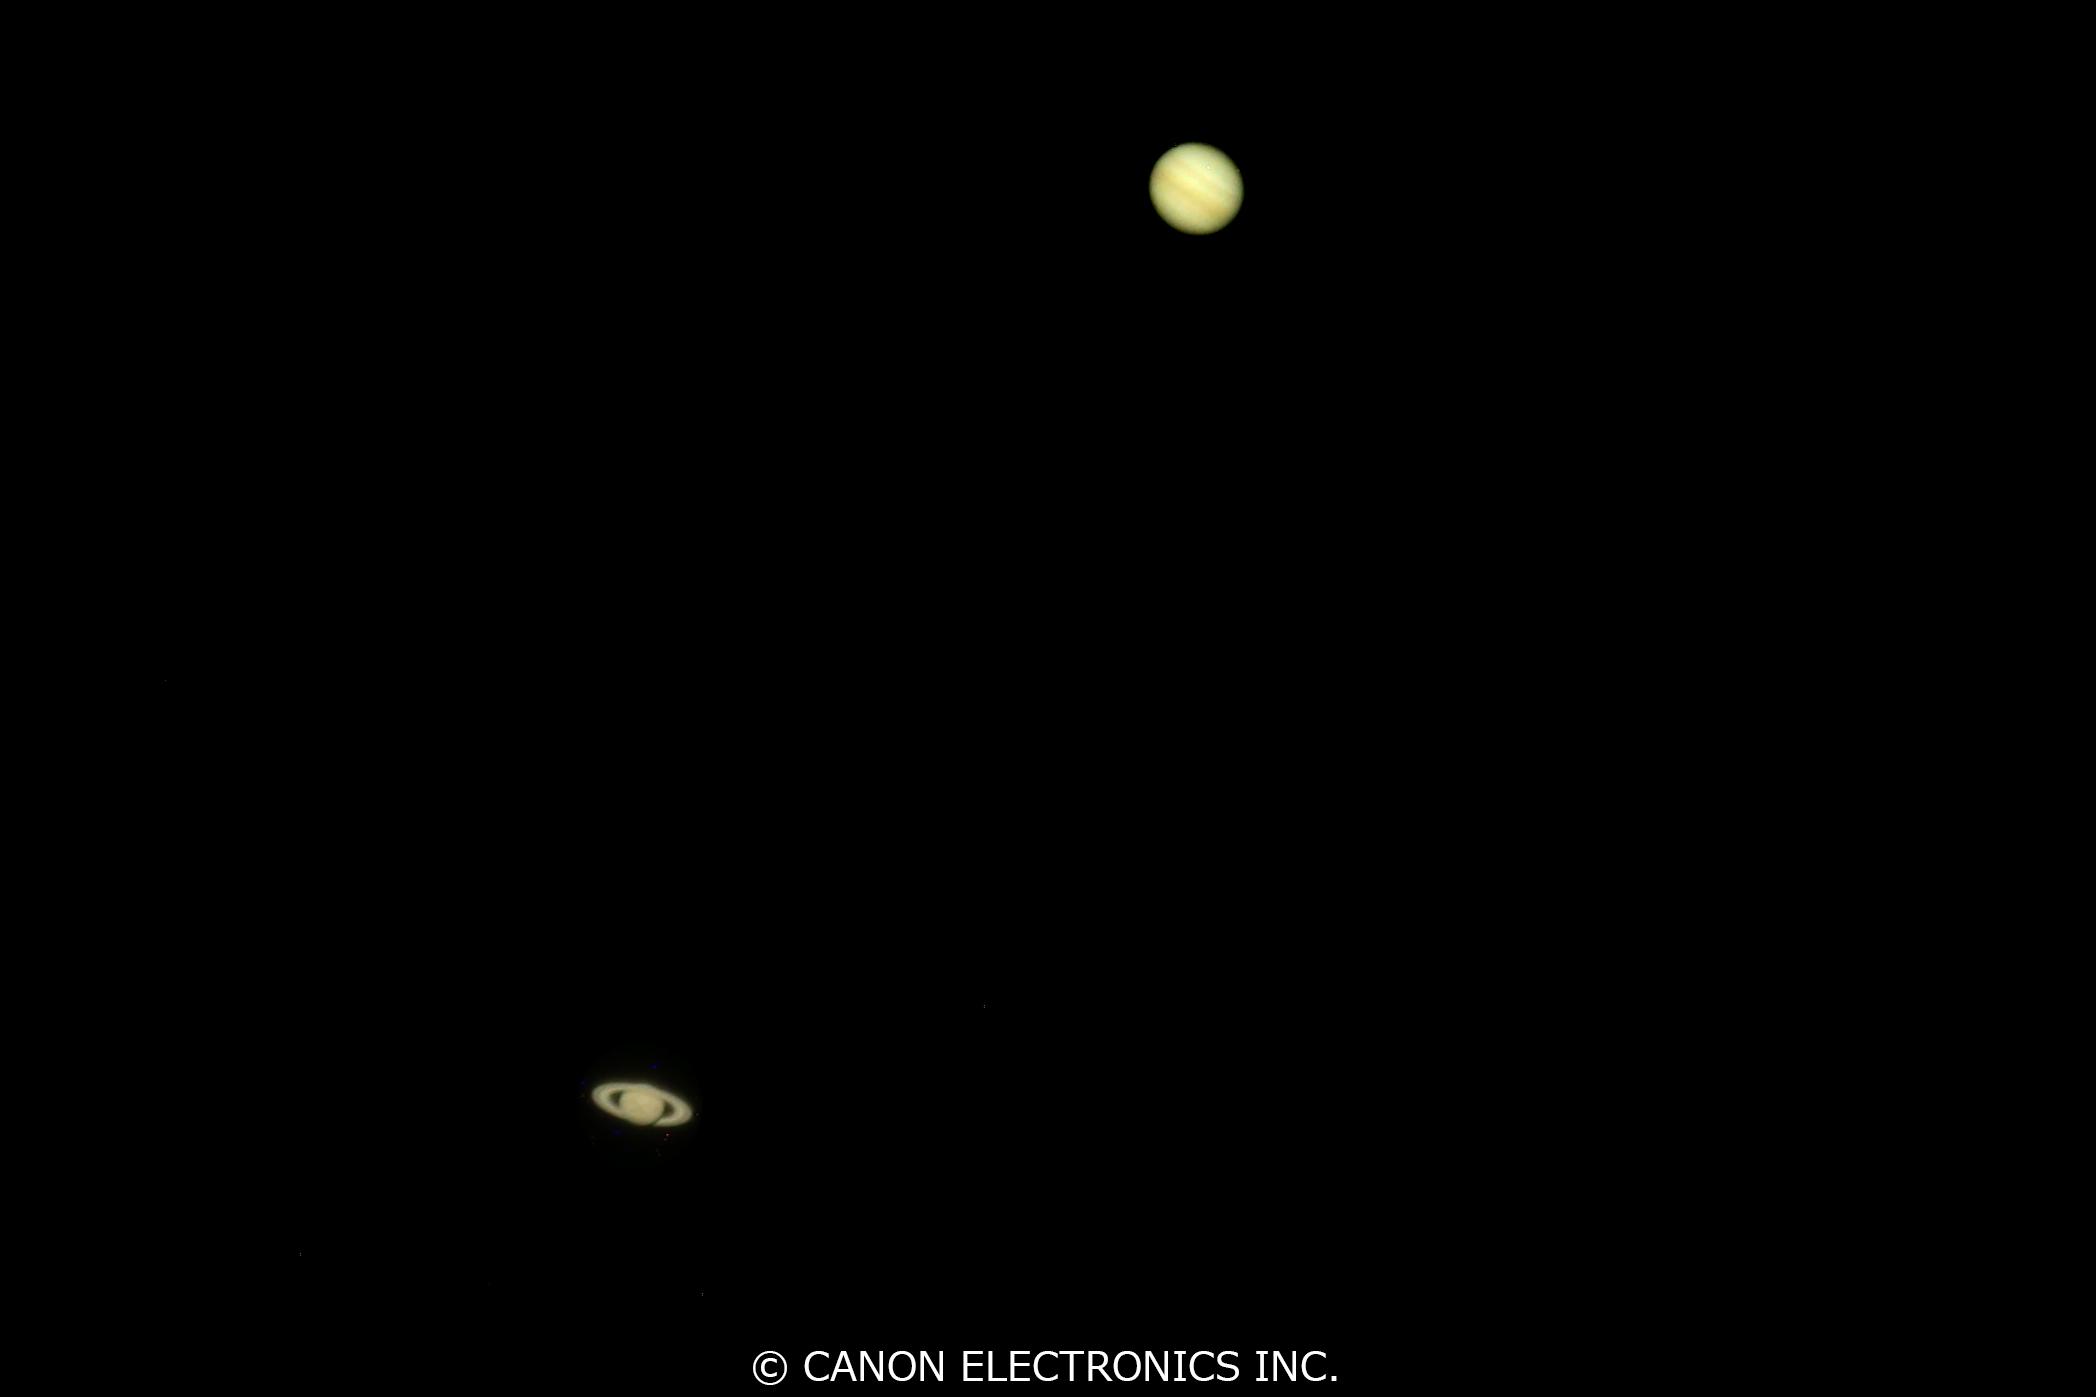 木星と土星